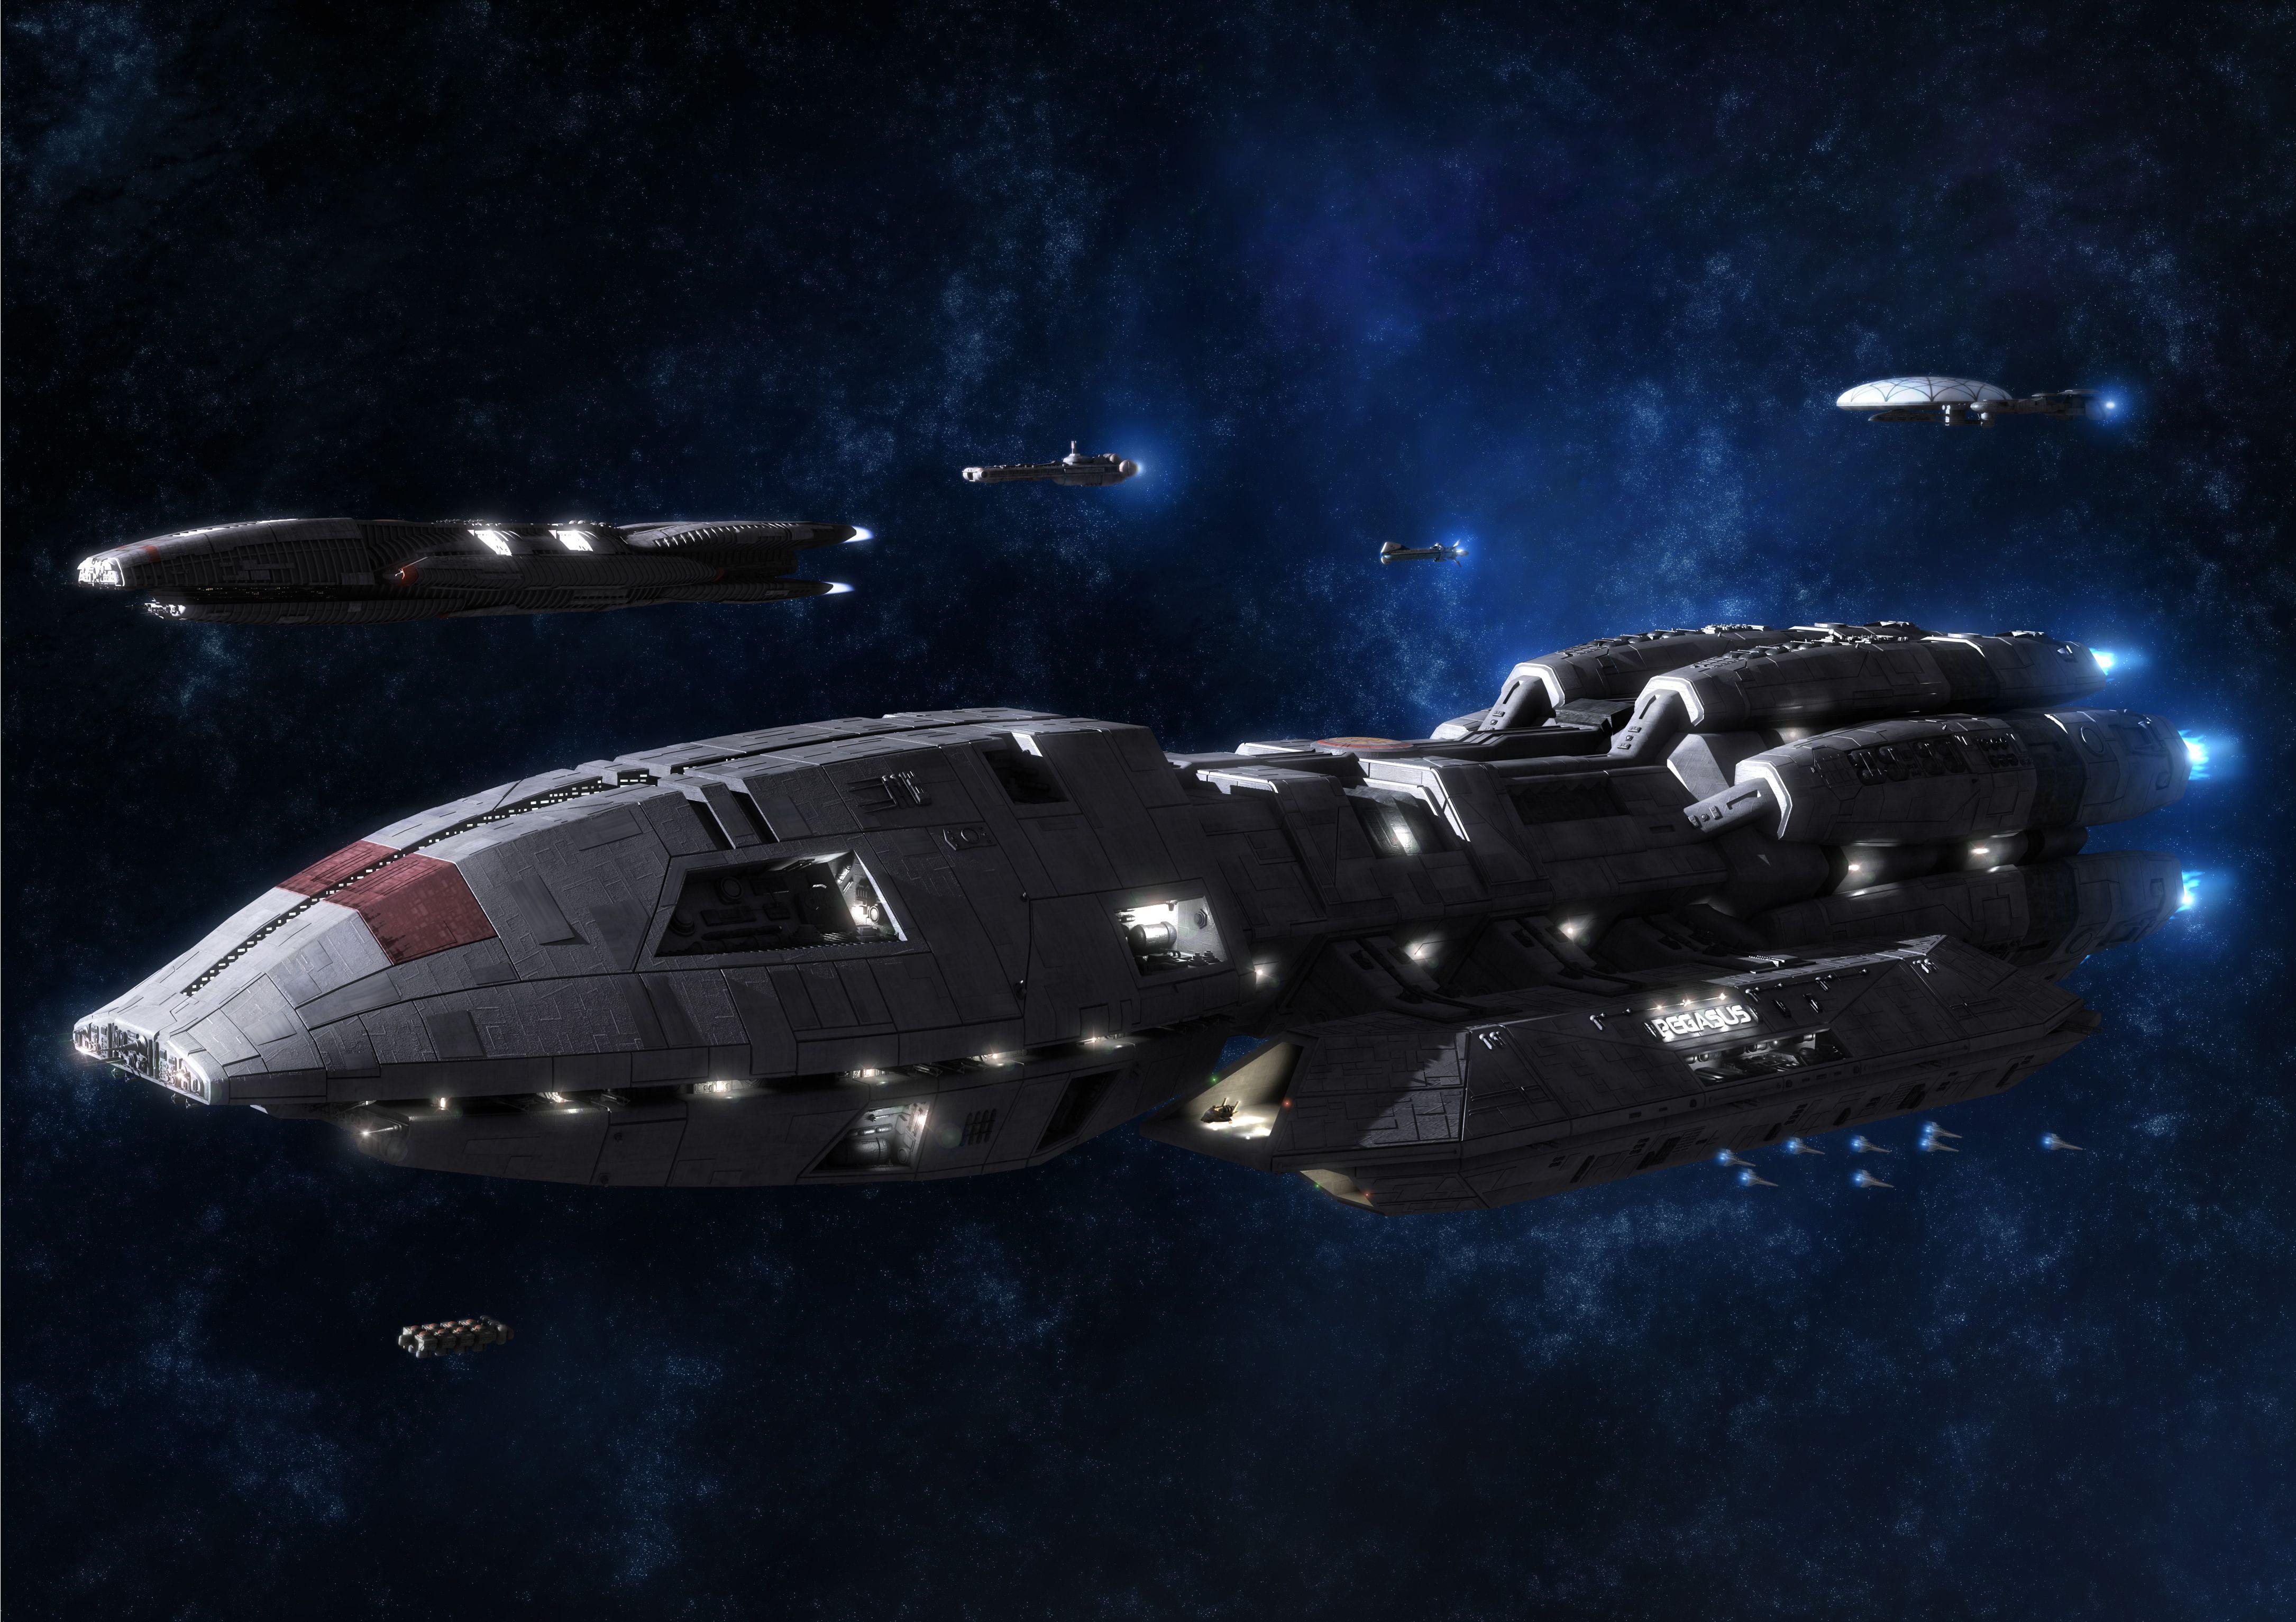 Galactica (ship)